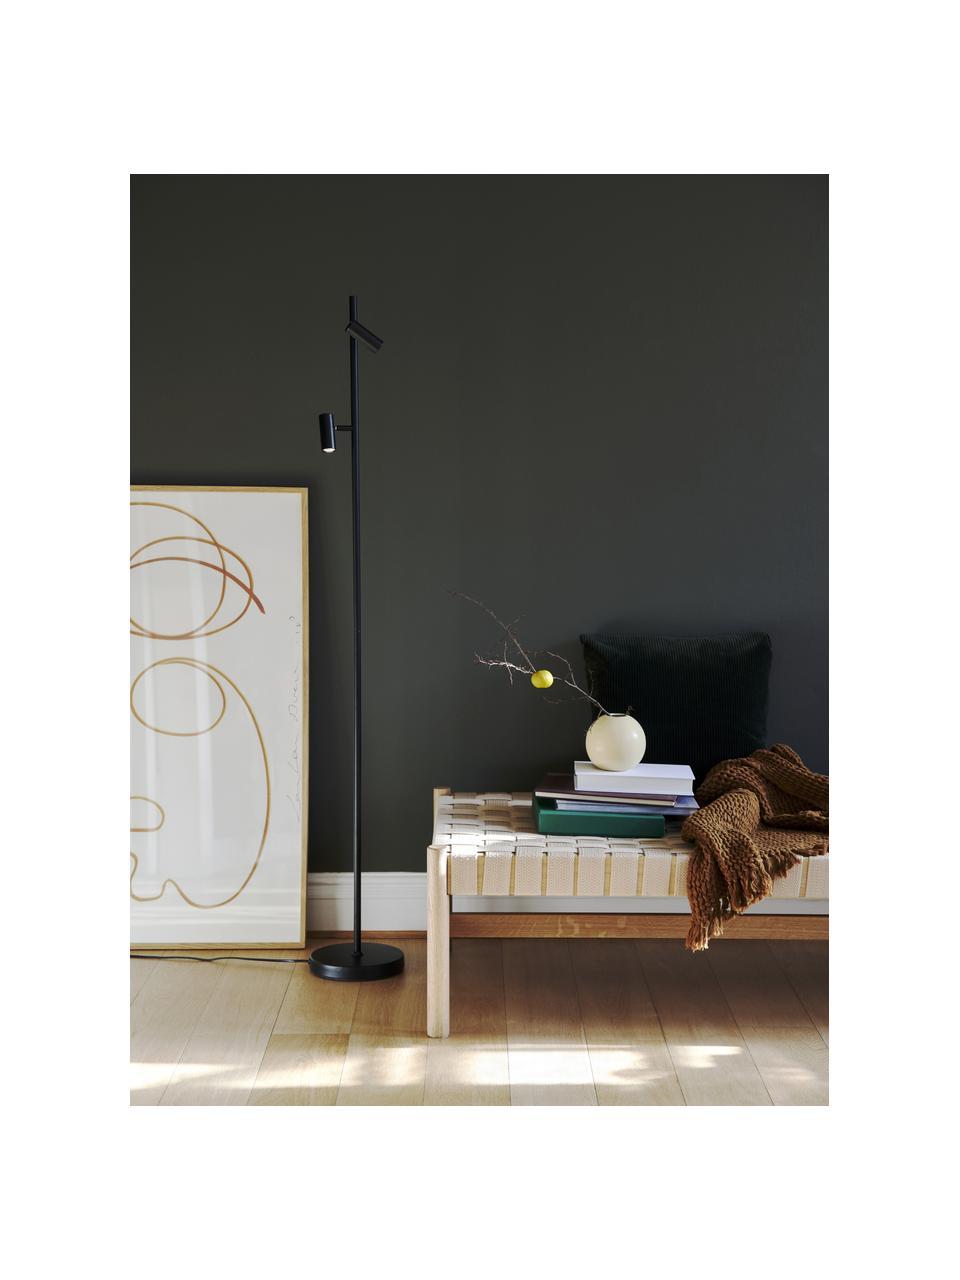 Lampa do czytania LED z funkcją przyciemniania Omari, Czarny, S 20 x W 141 cm